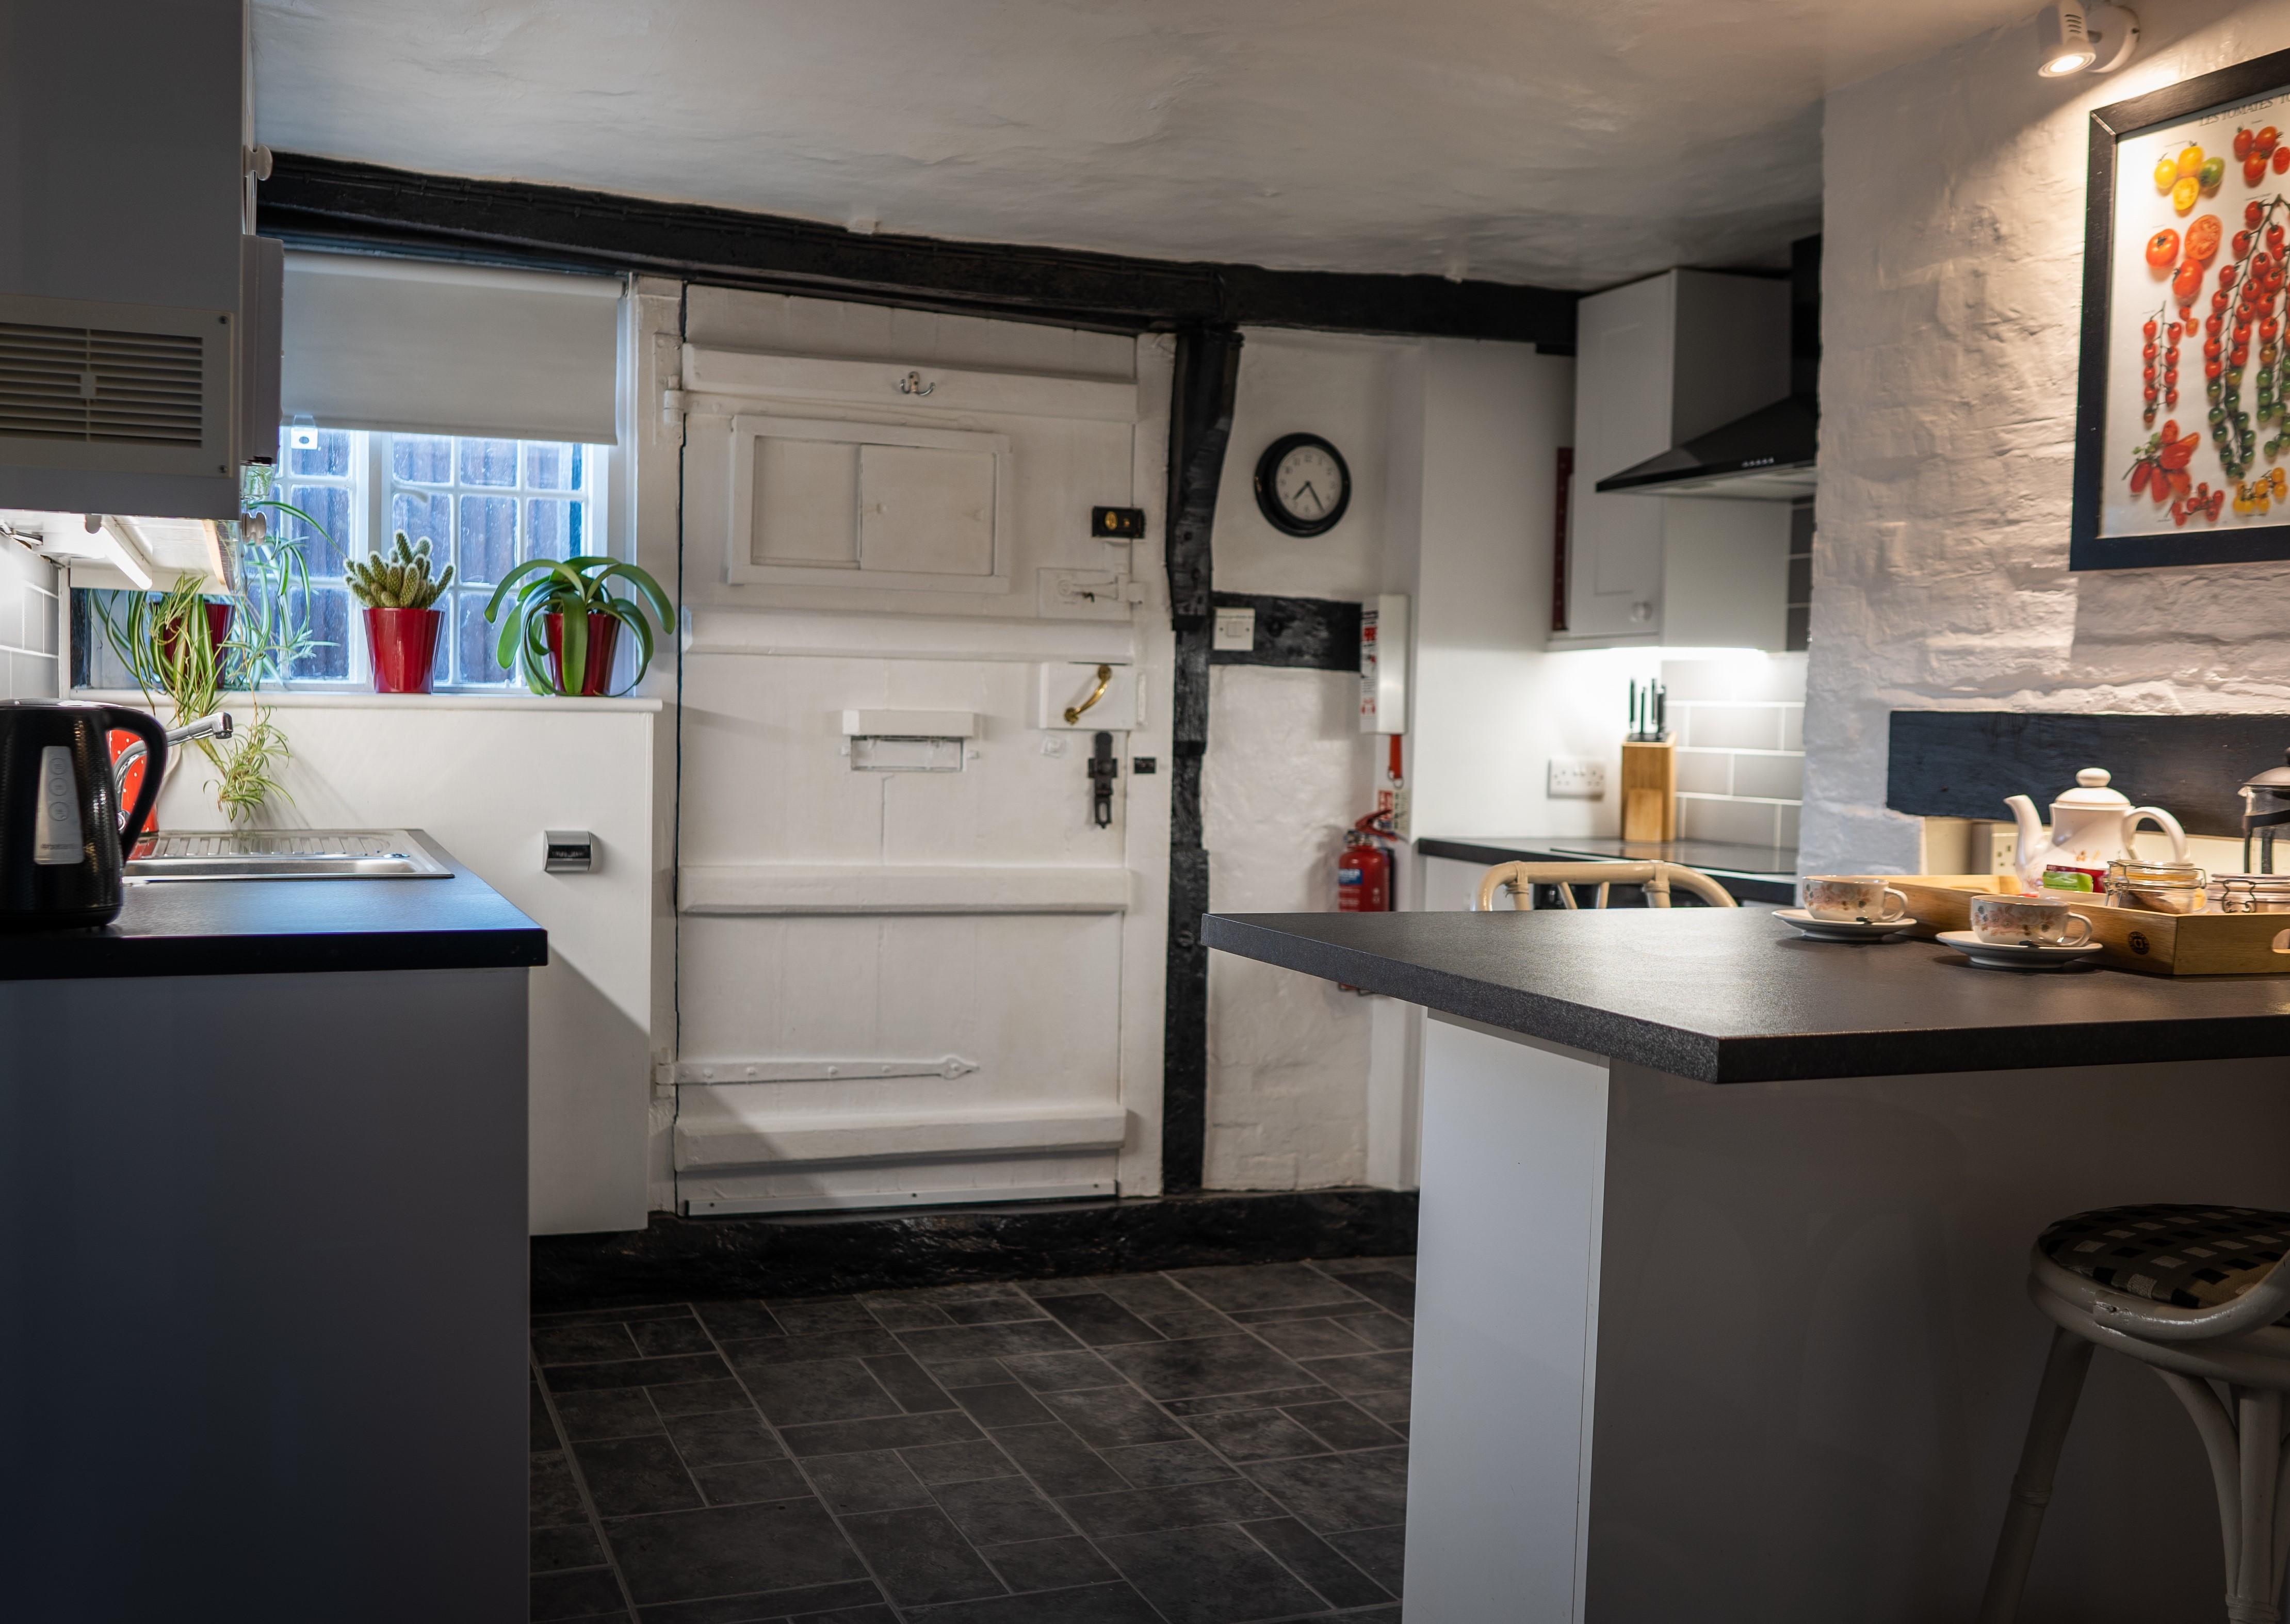 LT kitchen 1 - Dean